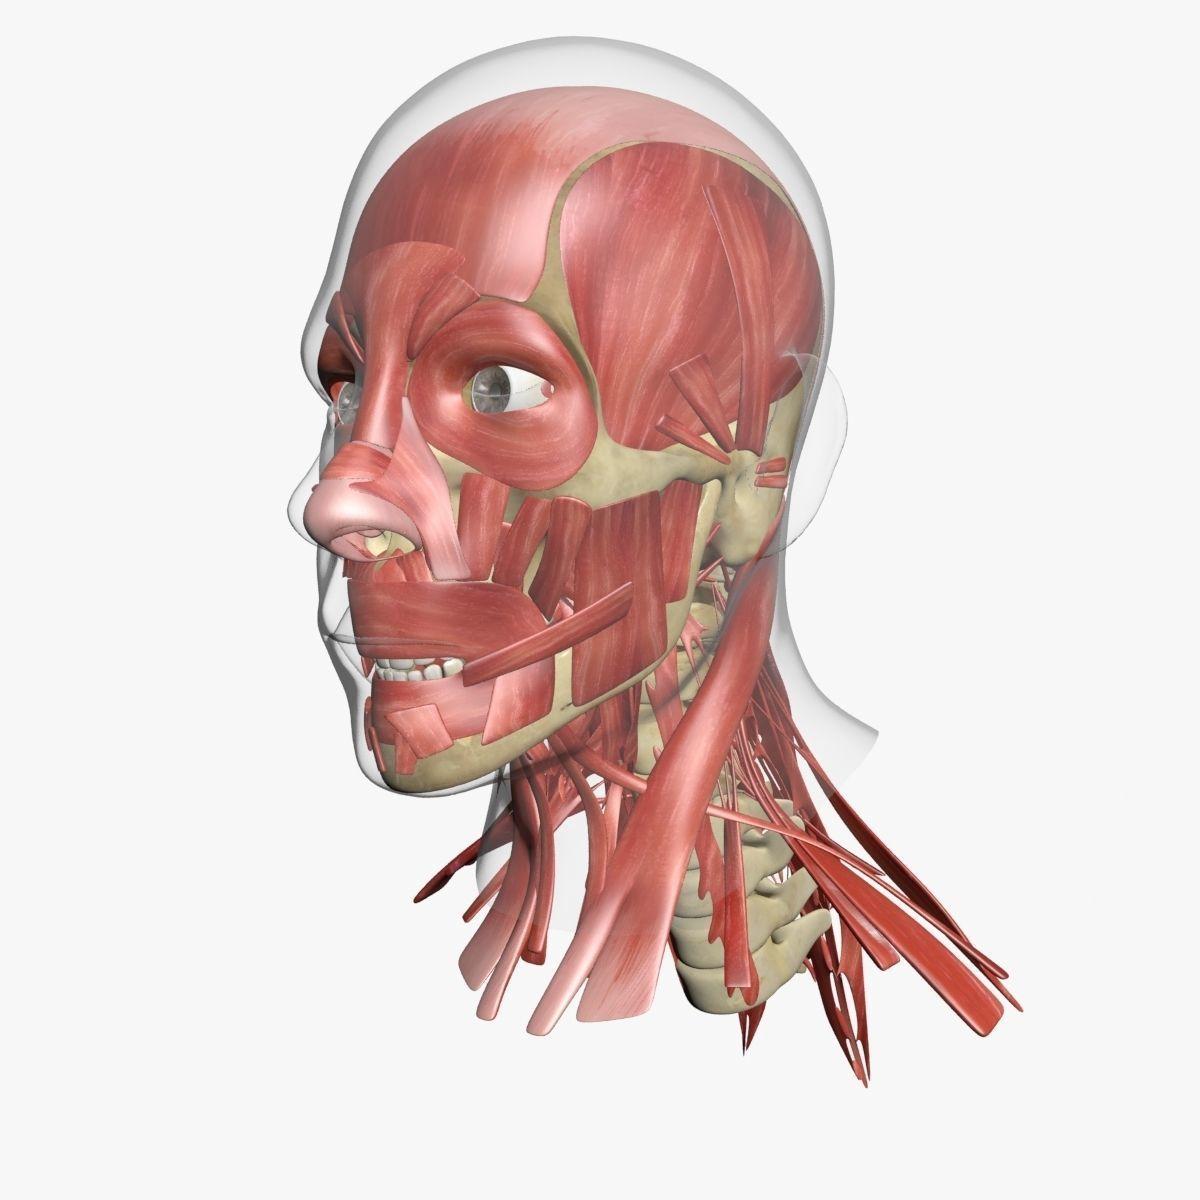 Human Face Muscle Anatomy 3dsmax Cgtrader